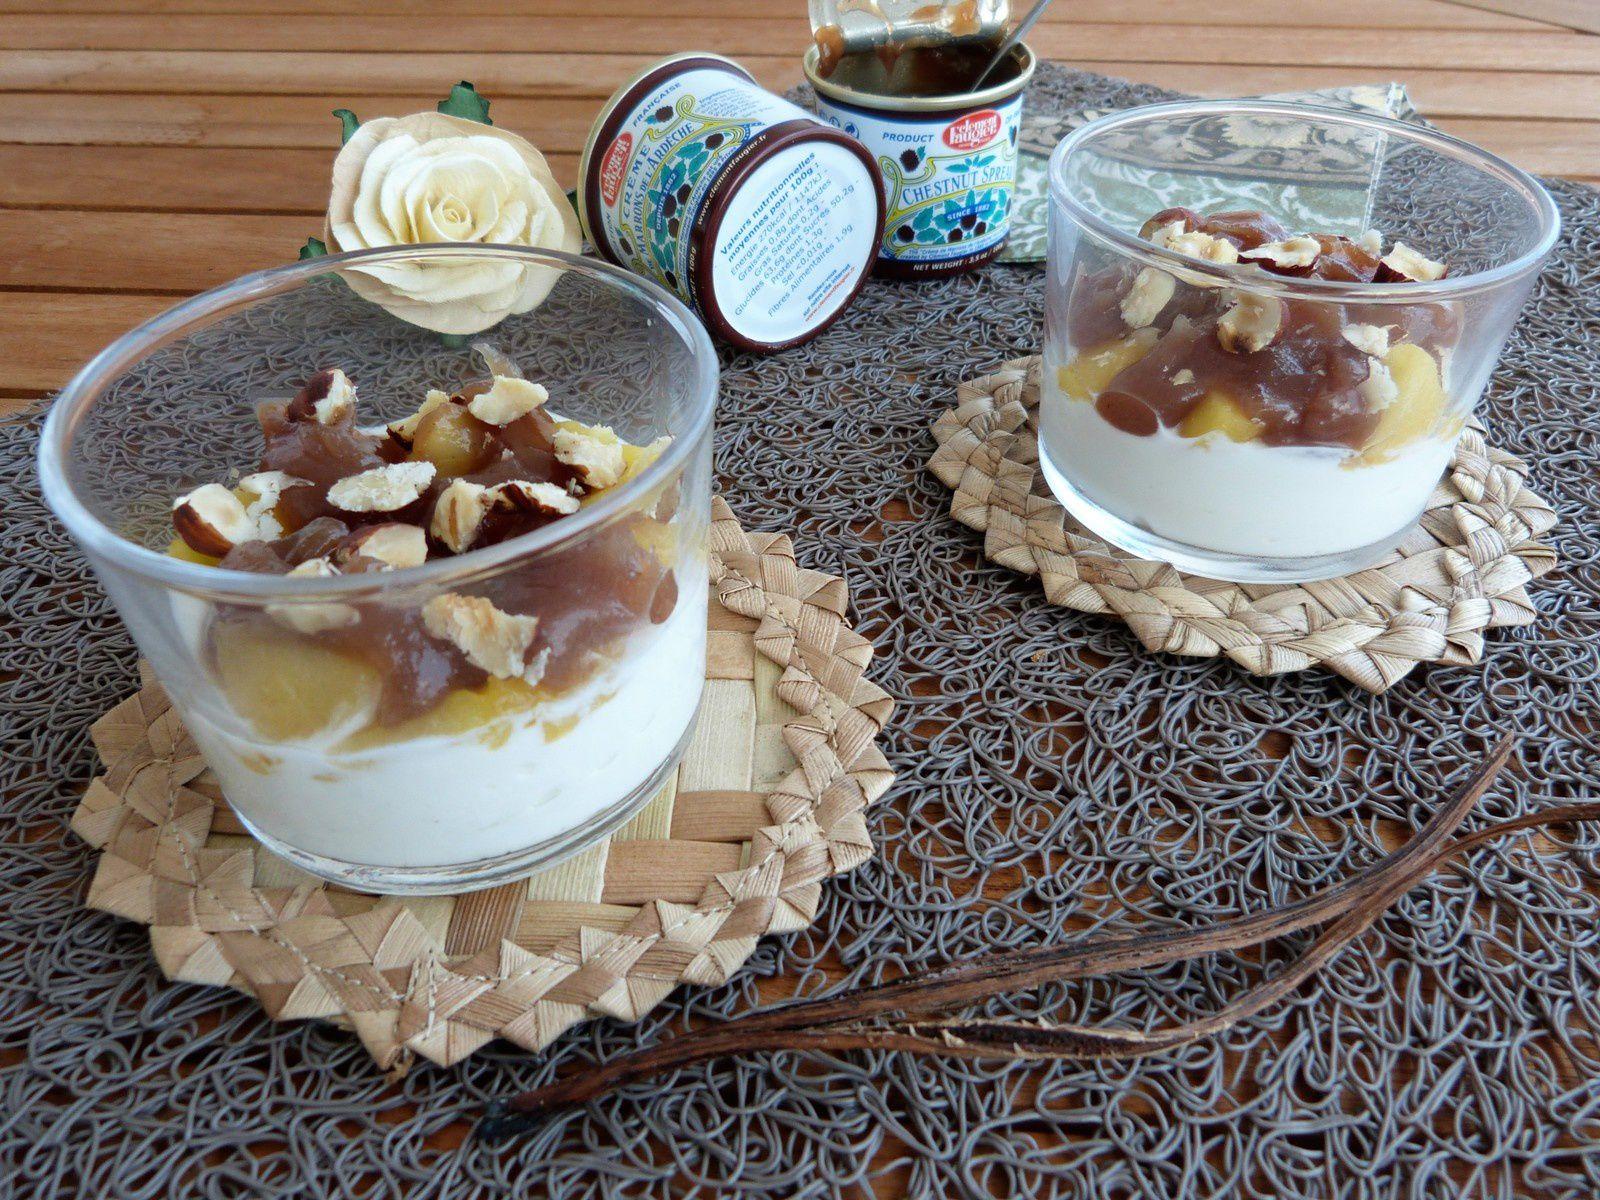 Mousse de yaourt, Pommes Compotées au Rhum et à la Vanille Bleue, Crème de Marron - Les Voyages de Gridelle